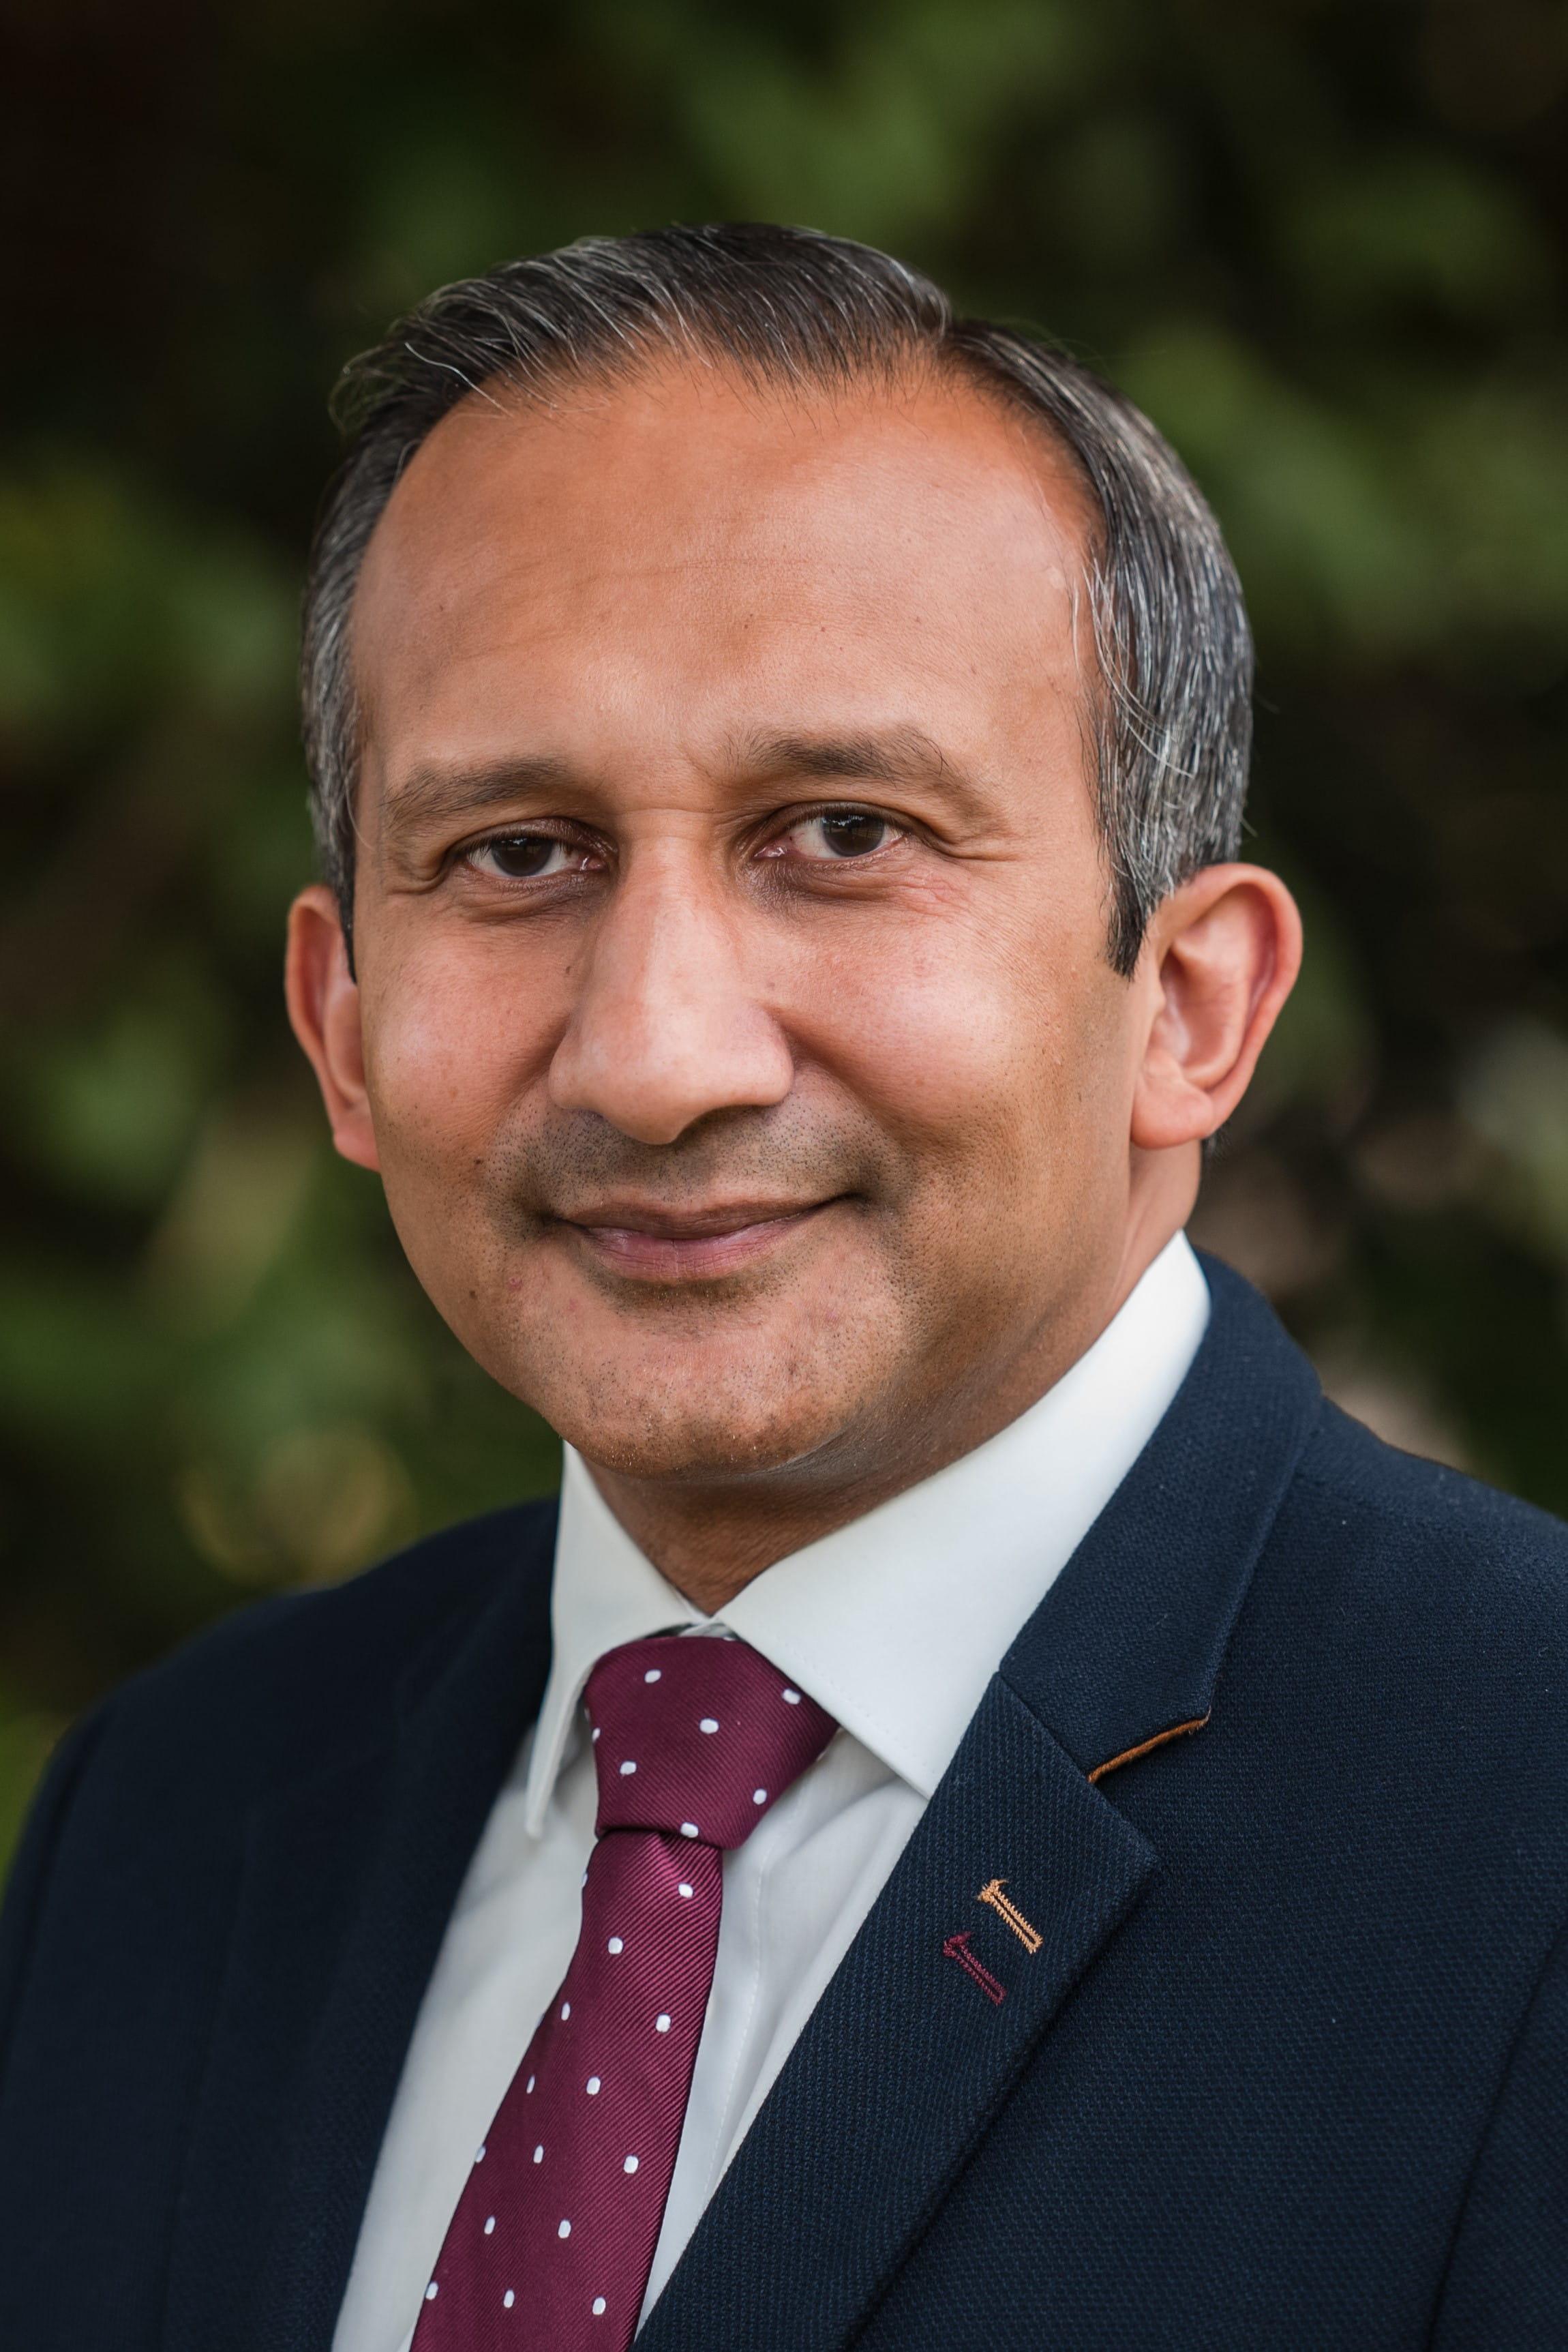 Parjinder Basra